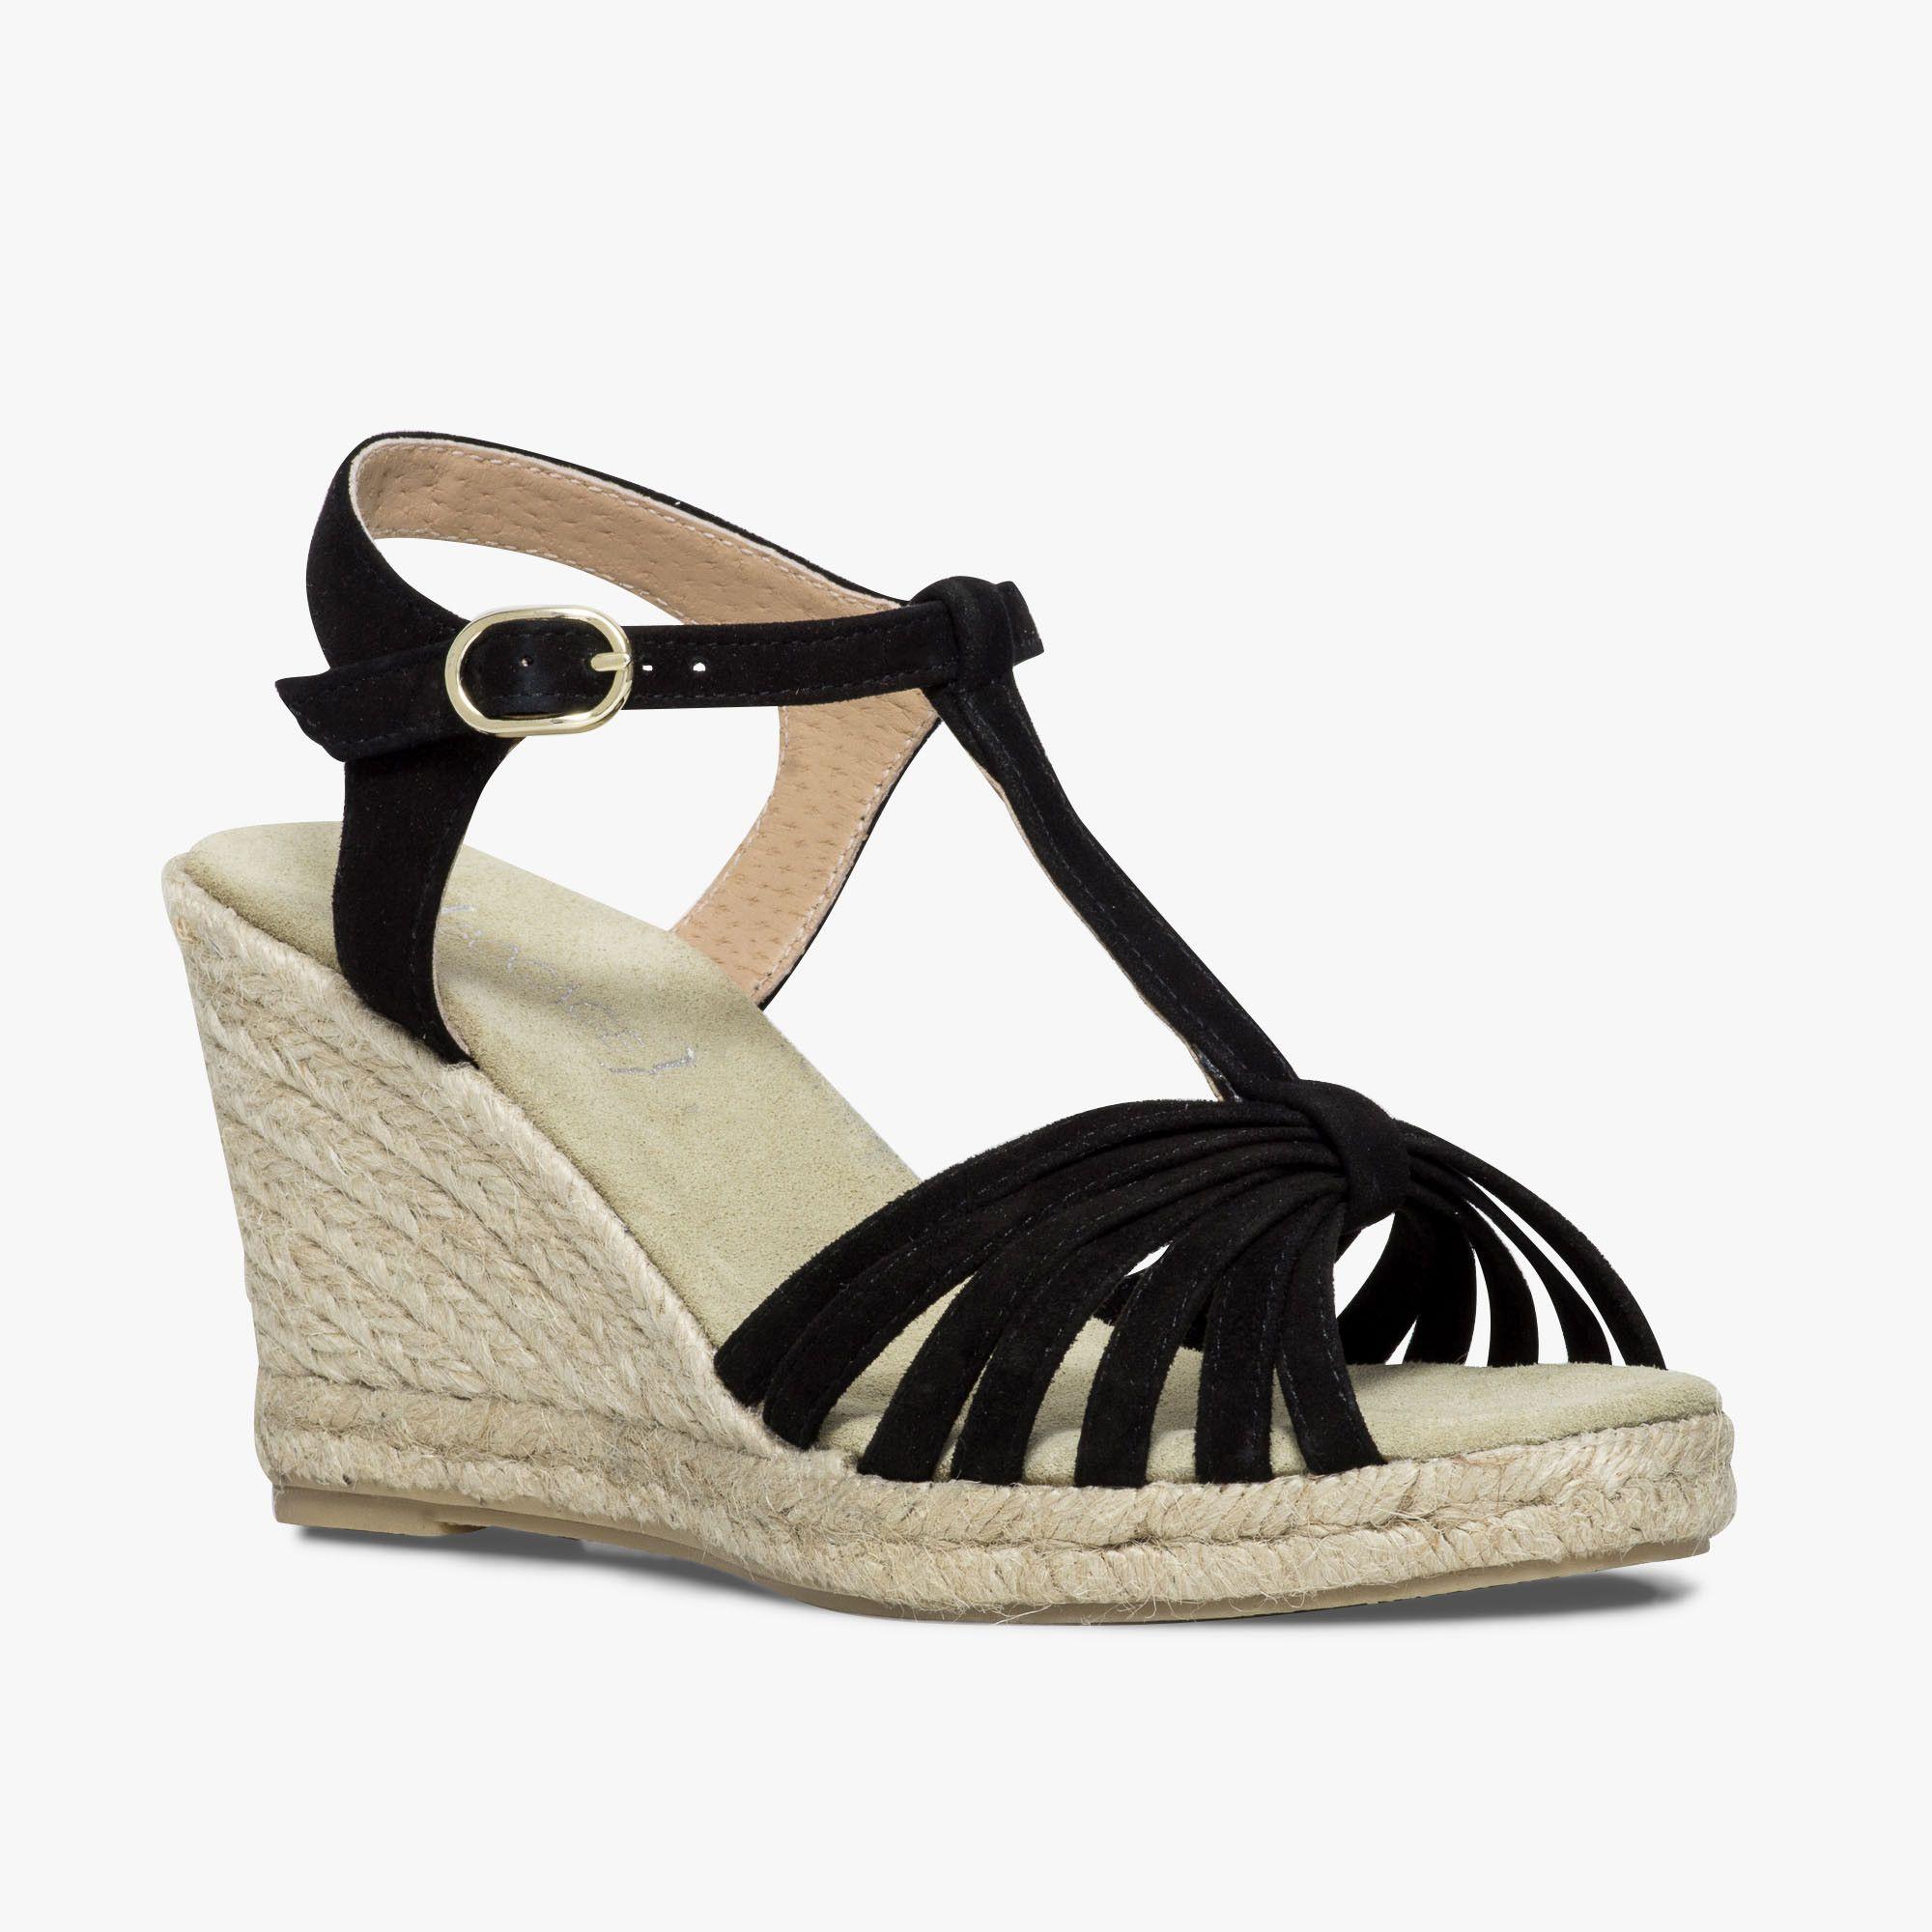 91e8631ed55403 Sandale compensée noire en cuir velours | Chaussures | Sandales ...